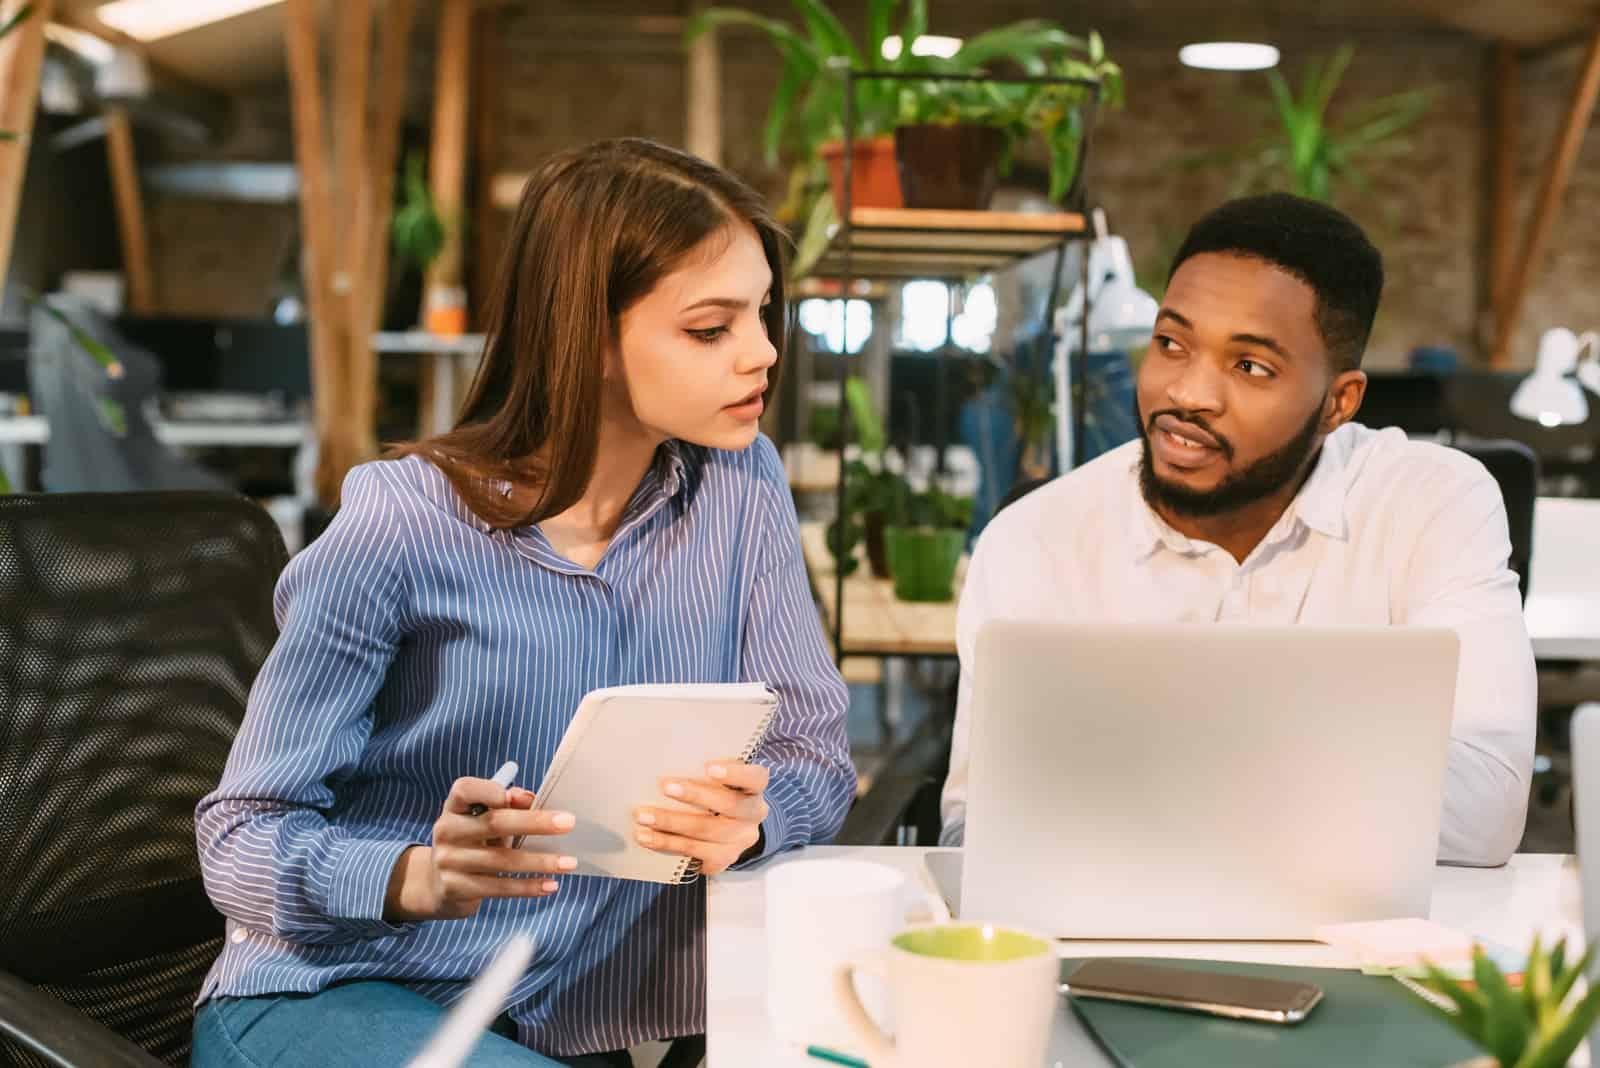 un homme et une femme s'assoient dans un café et parlent